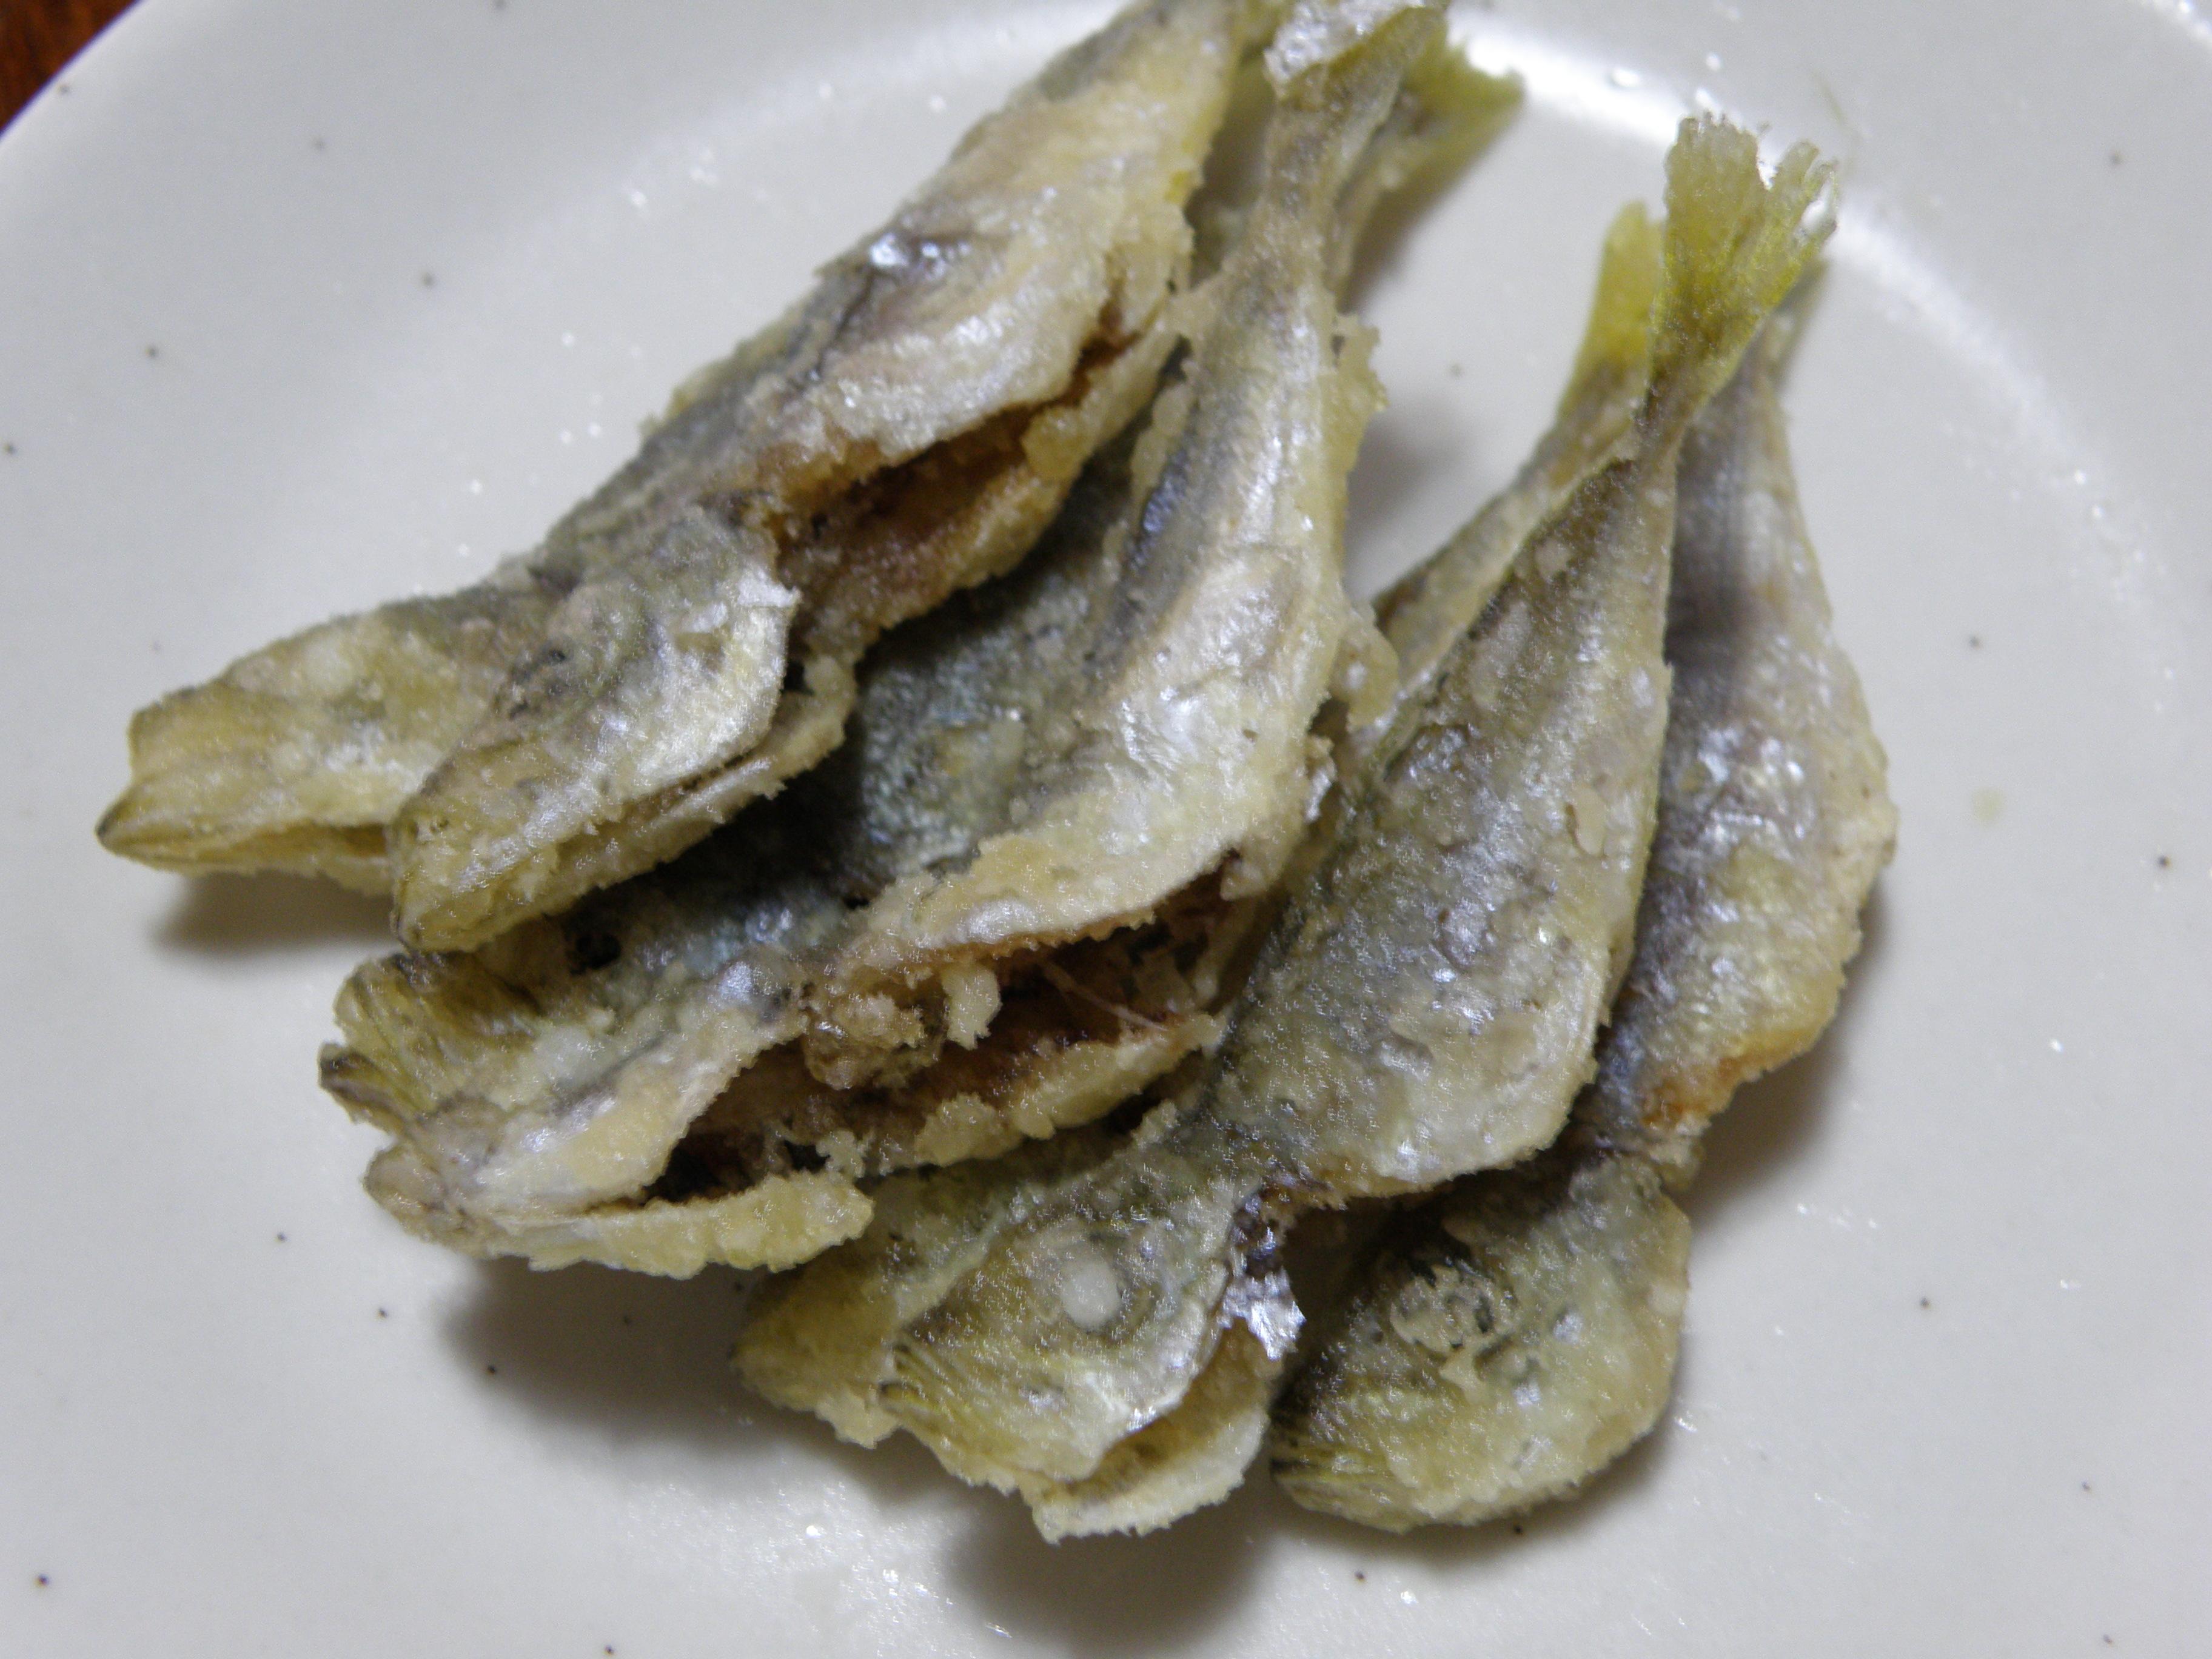 釣った魚で大宴会 アジ・イシモチをアウトドアで …